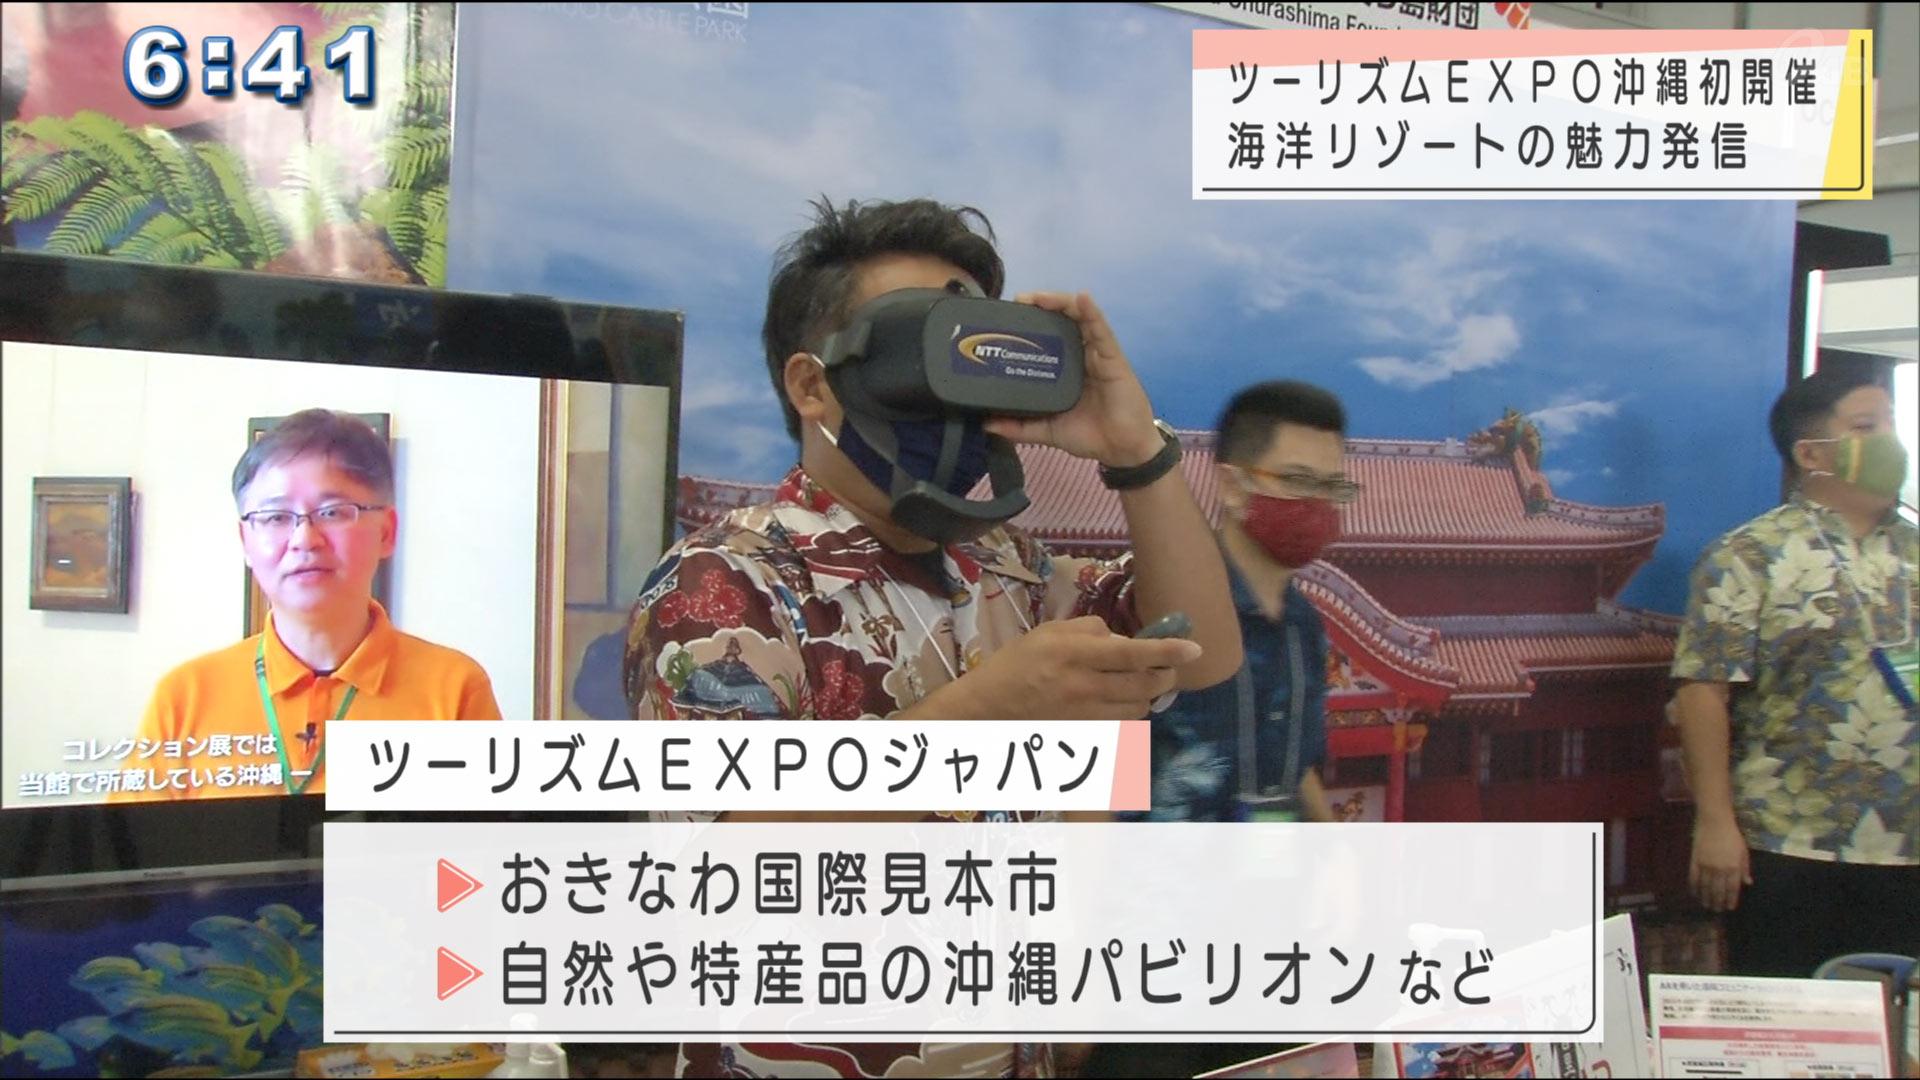 ツーリズムEXPOジャパン始まる